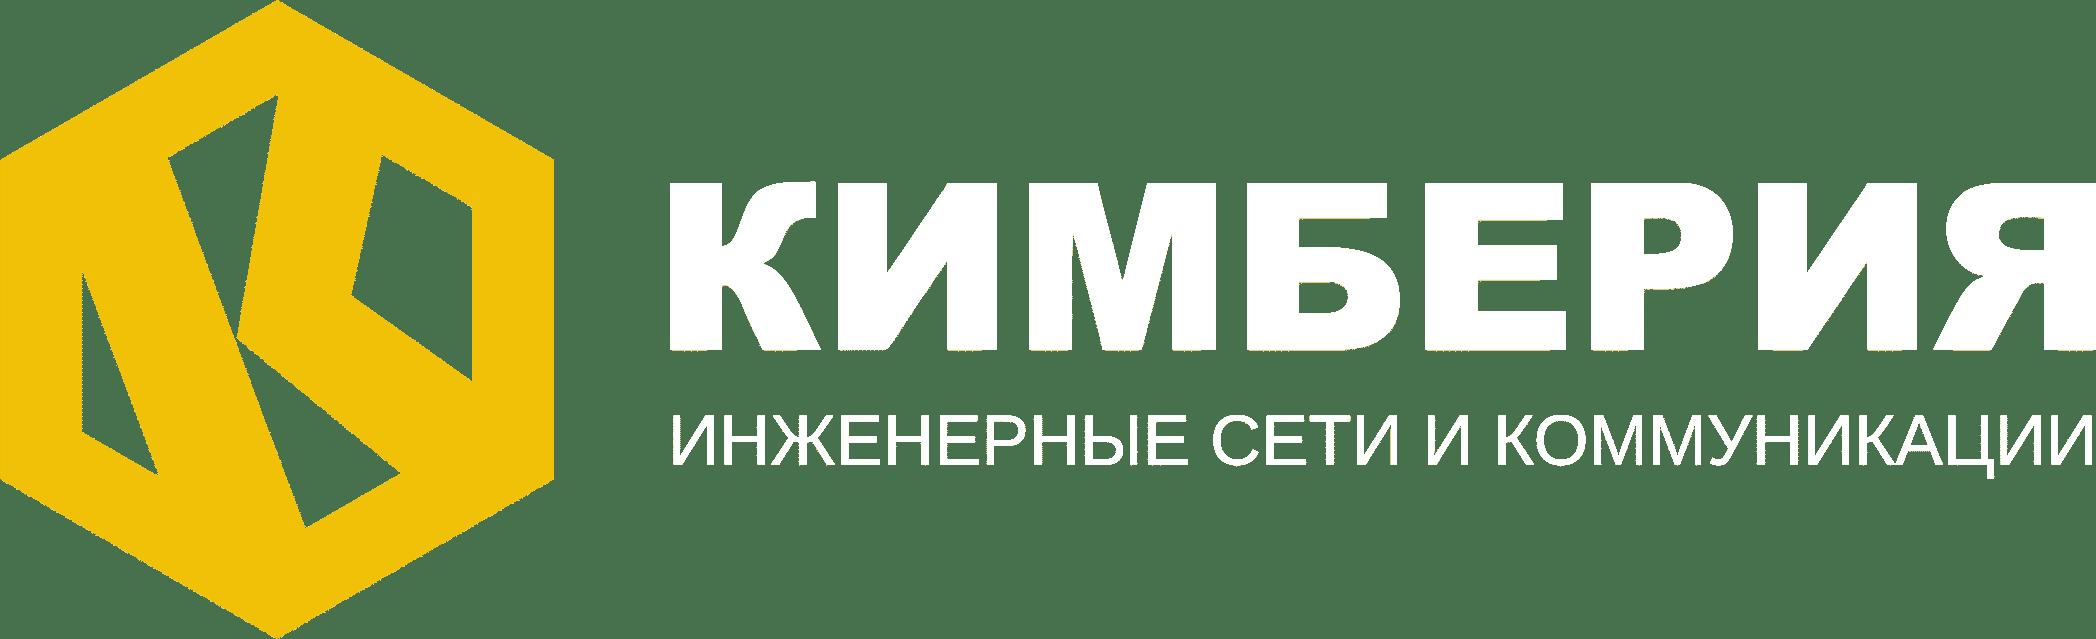 Кимберия логотип